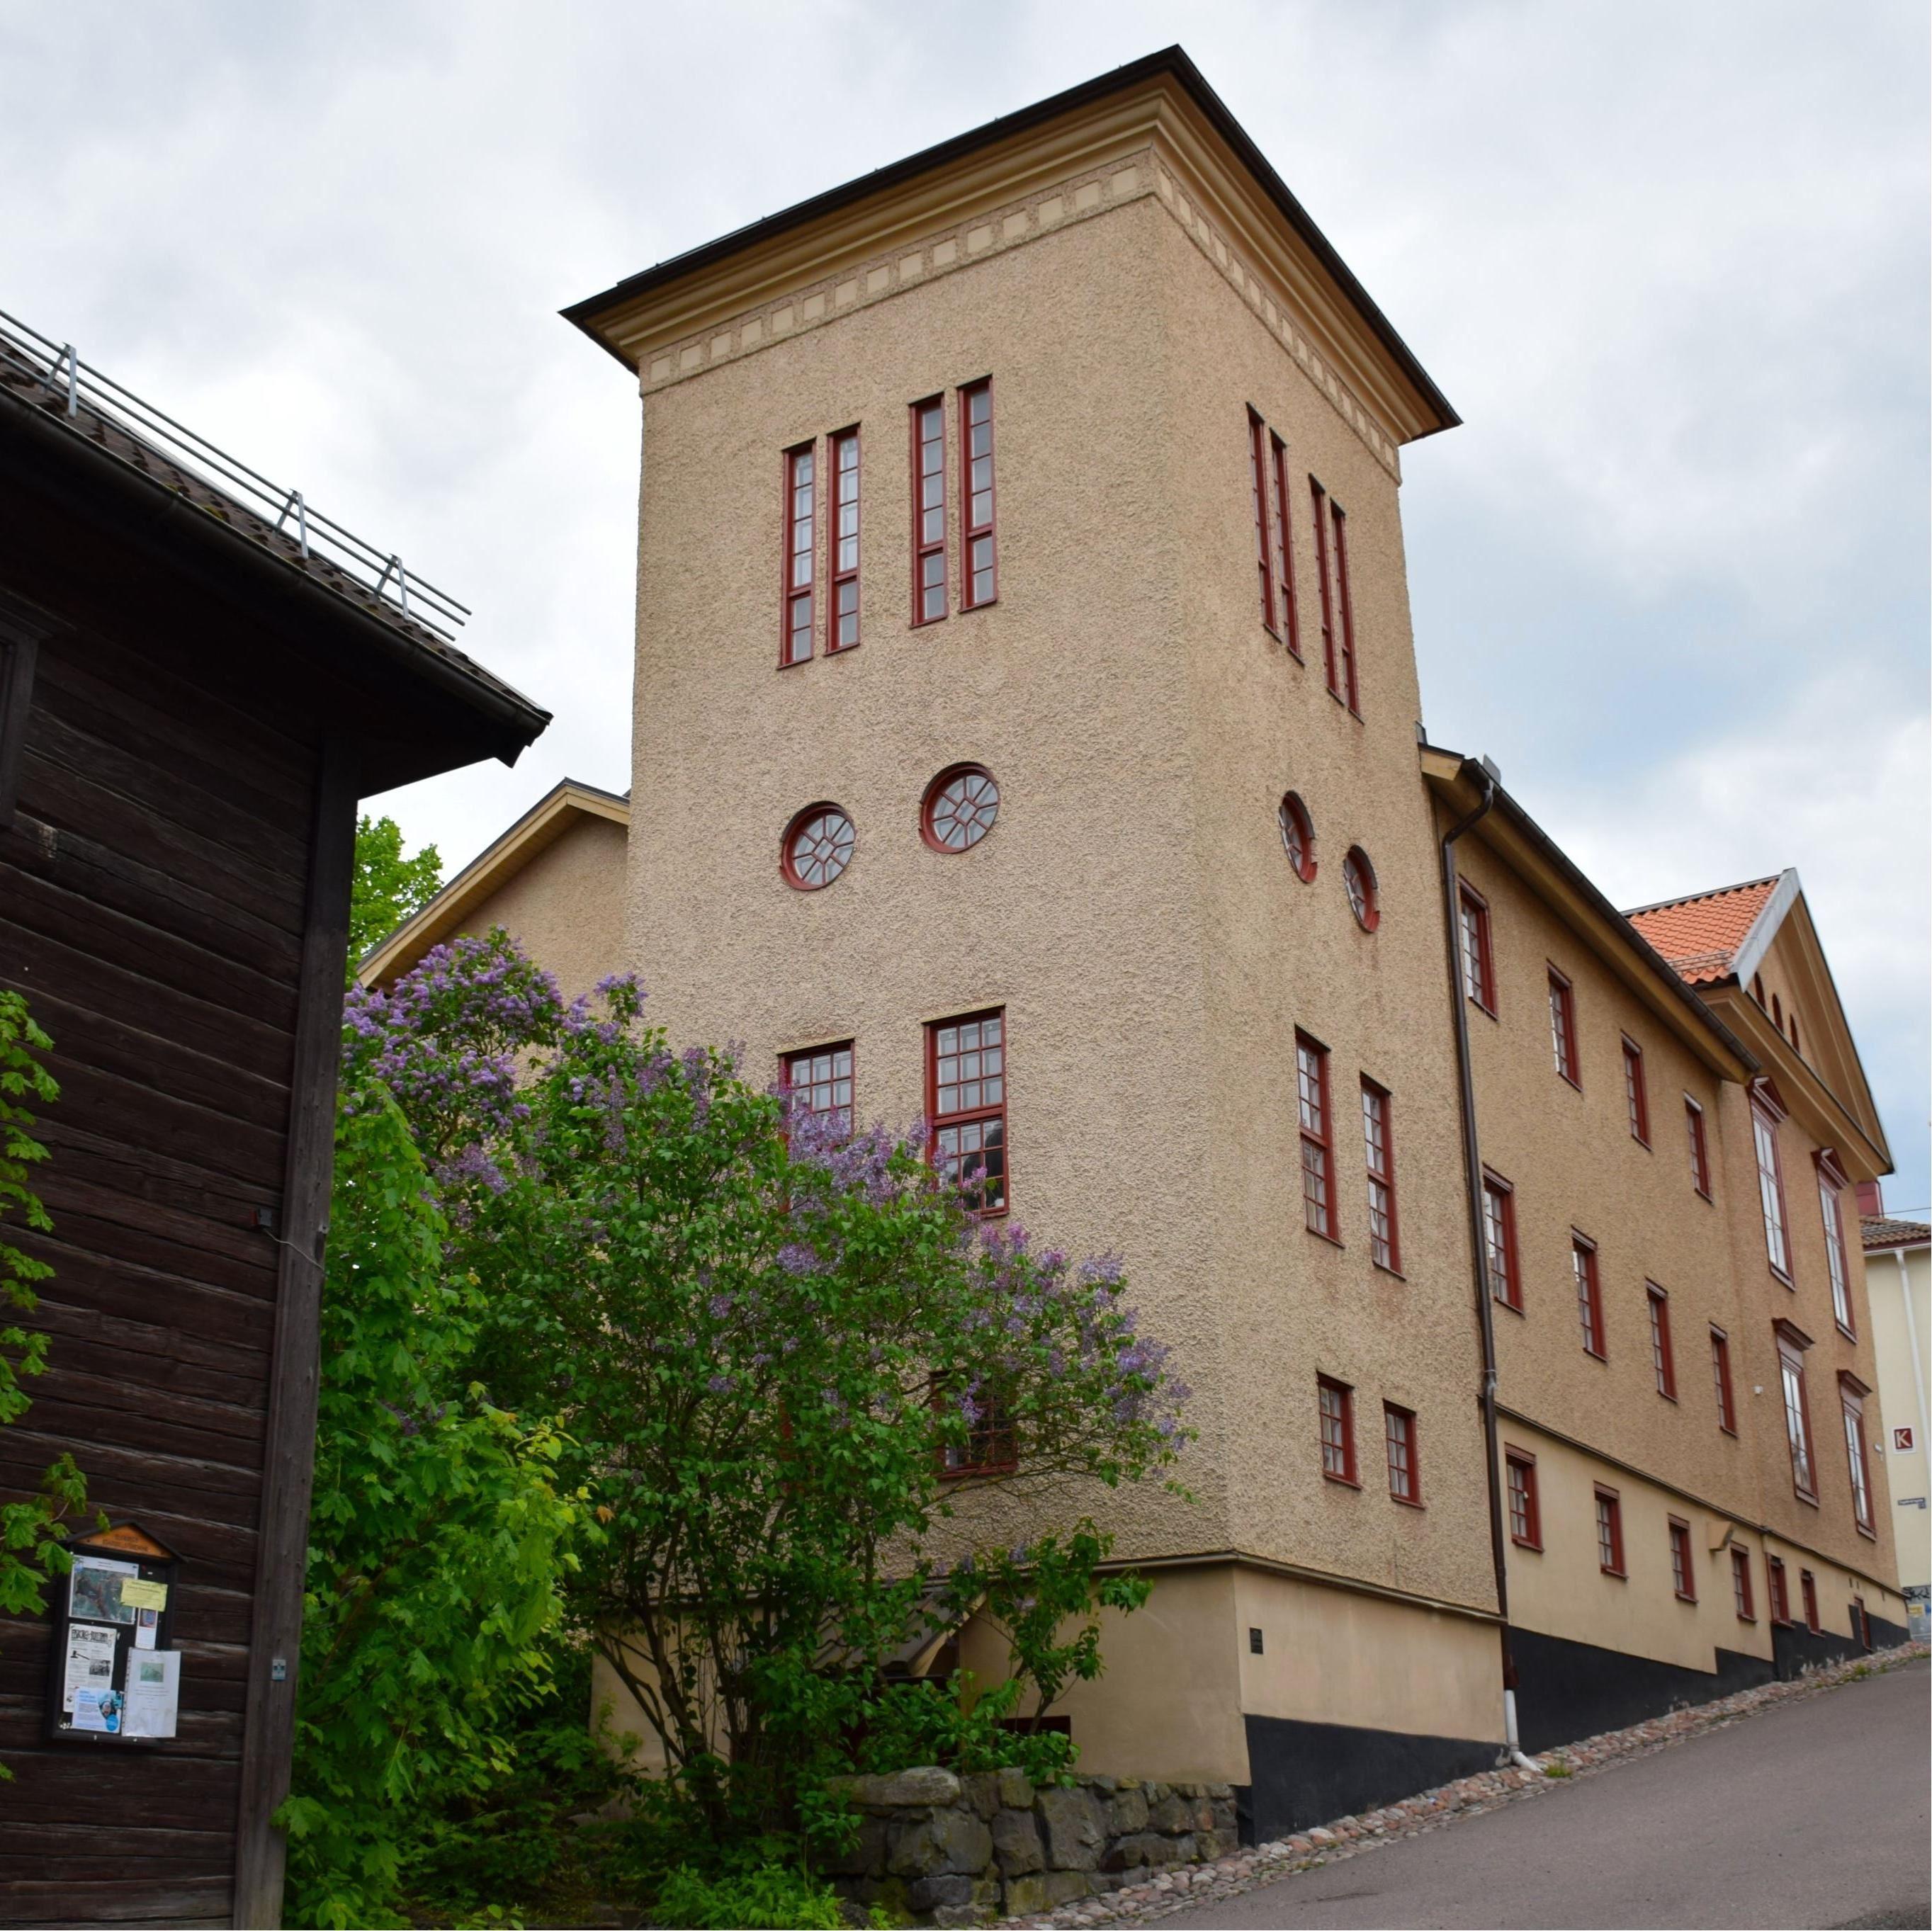 Mattias Boman, Elsborgs slott